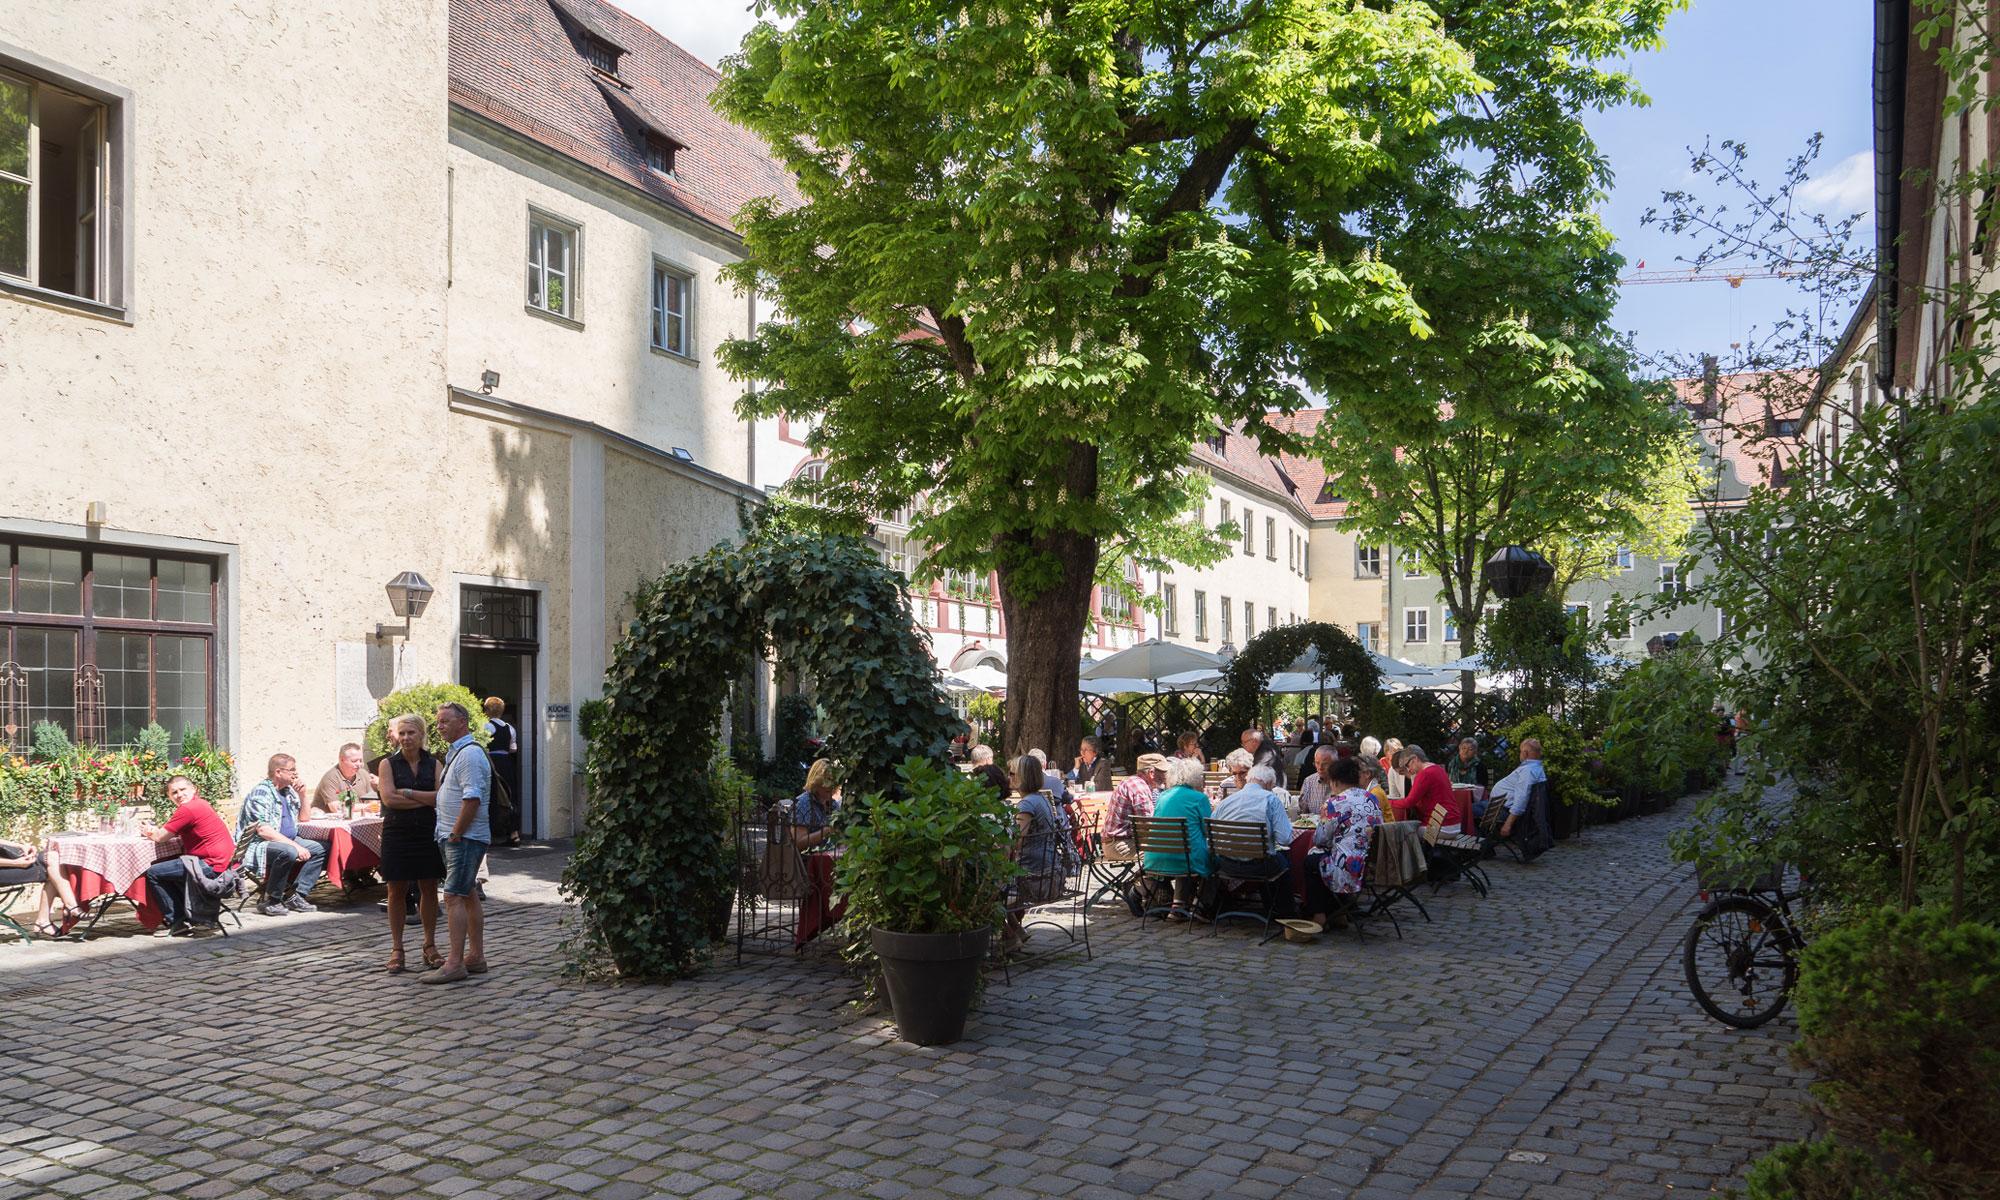 Stobäusplatz Regensburg